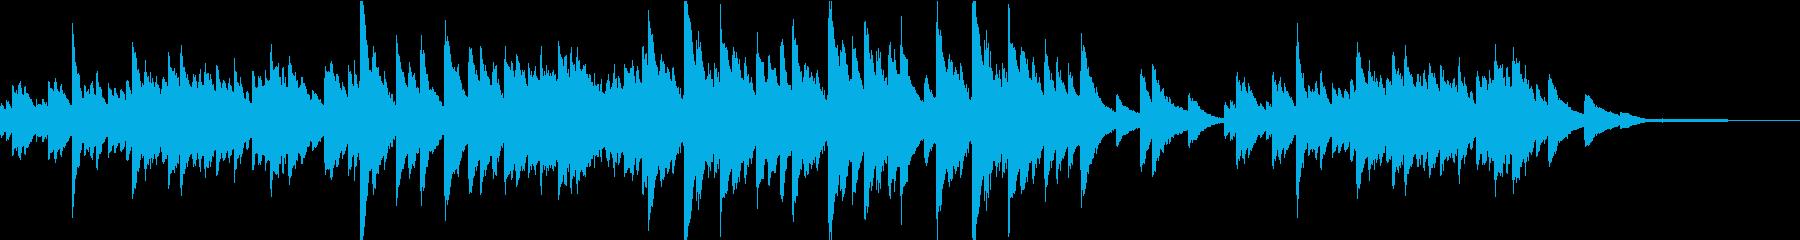 切なさと温かみのある日常系ピアノソロの再生済みの波形